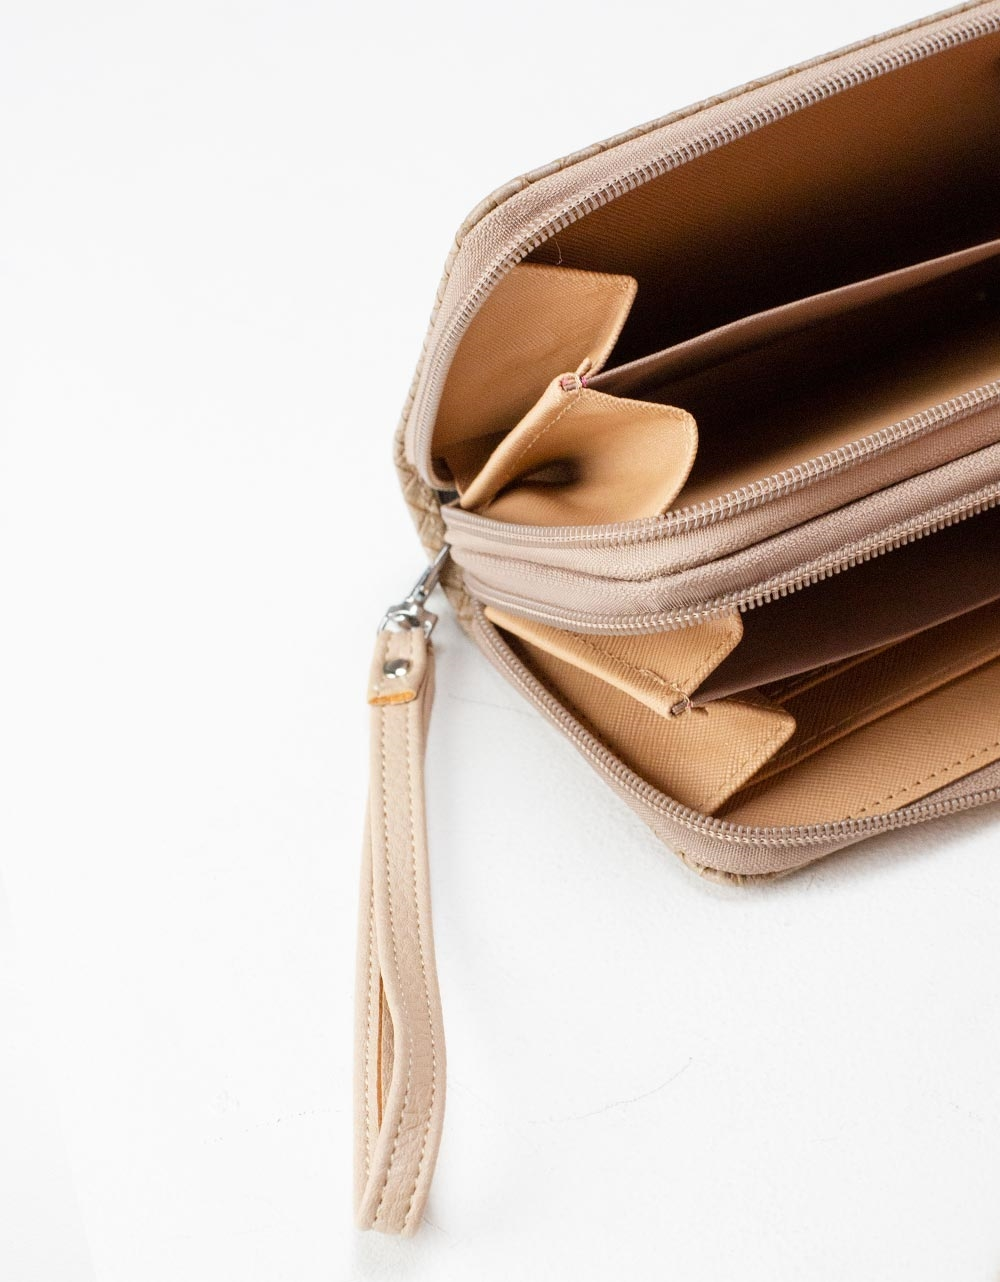 Εικόνα από Γυναικεία πορτοφόλια με ανάγλυφο pattern Πούρο